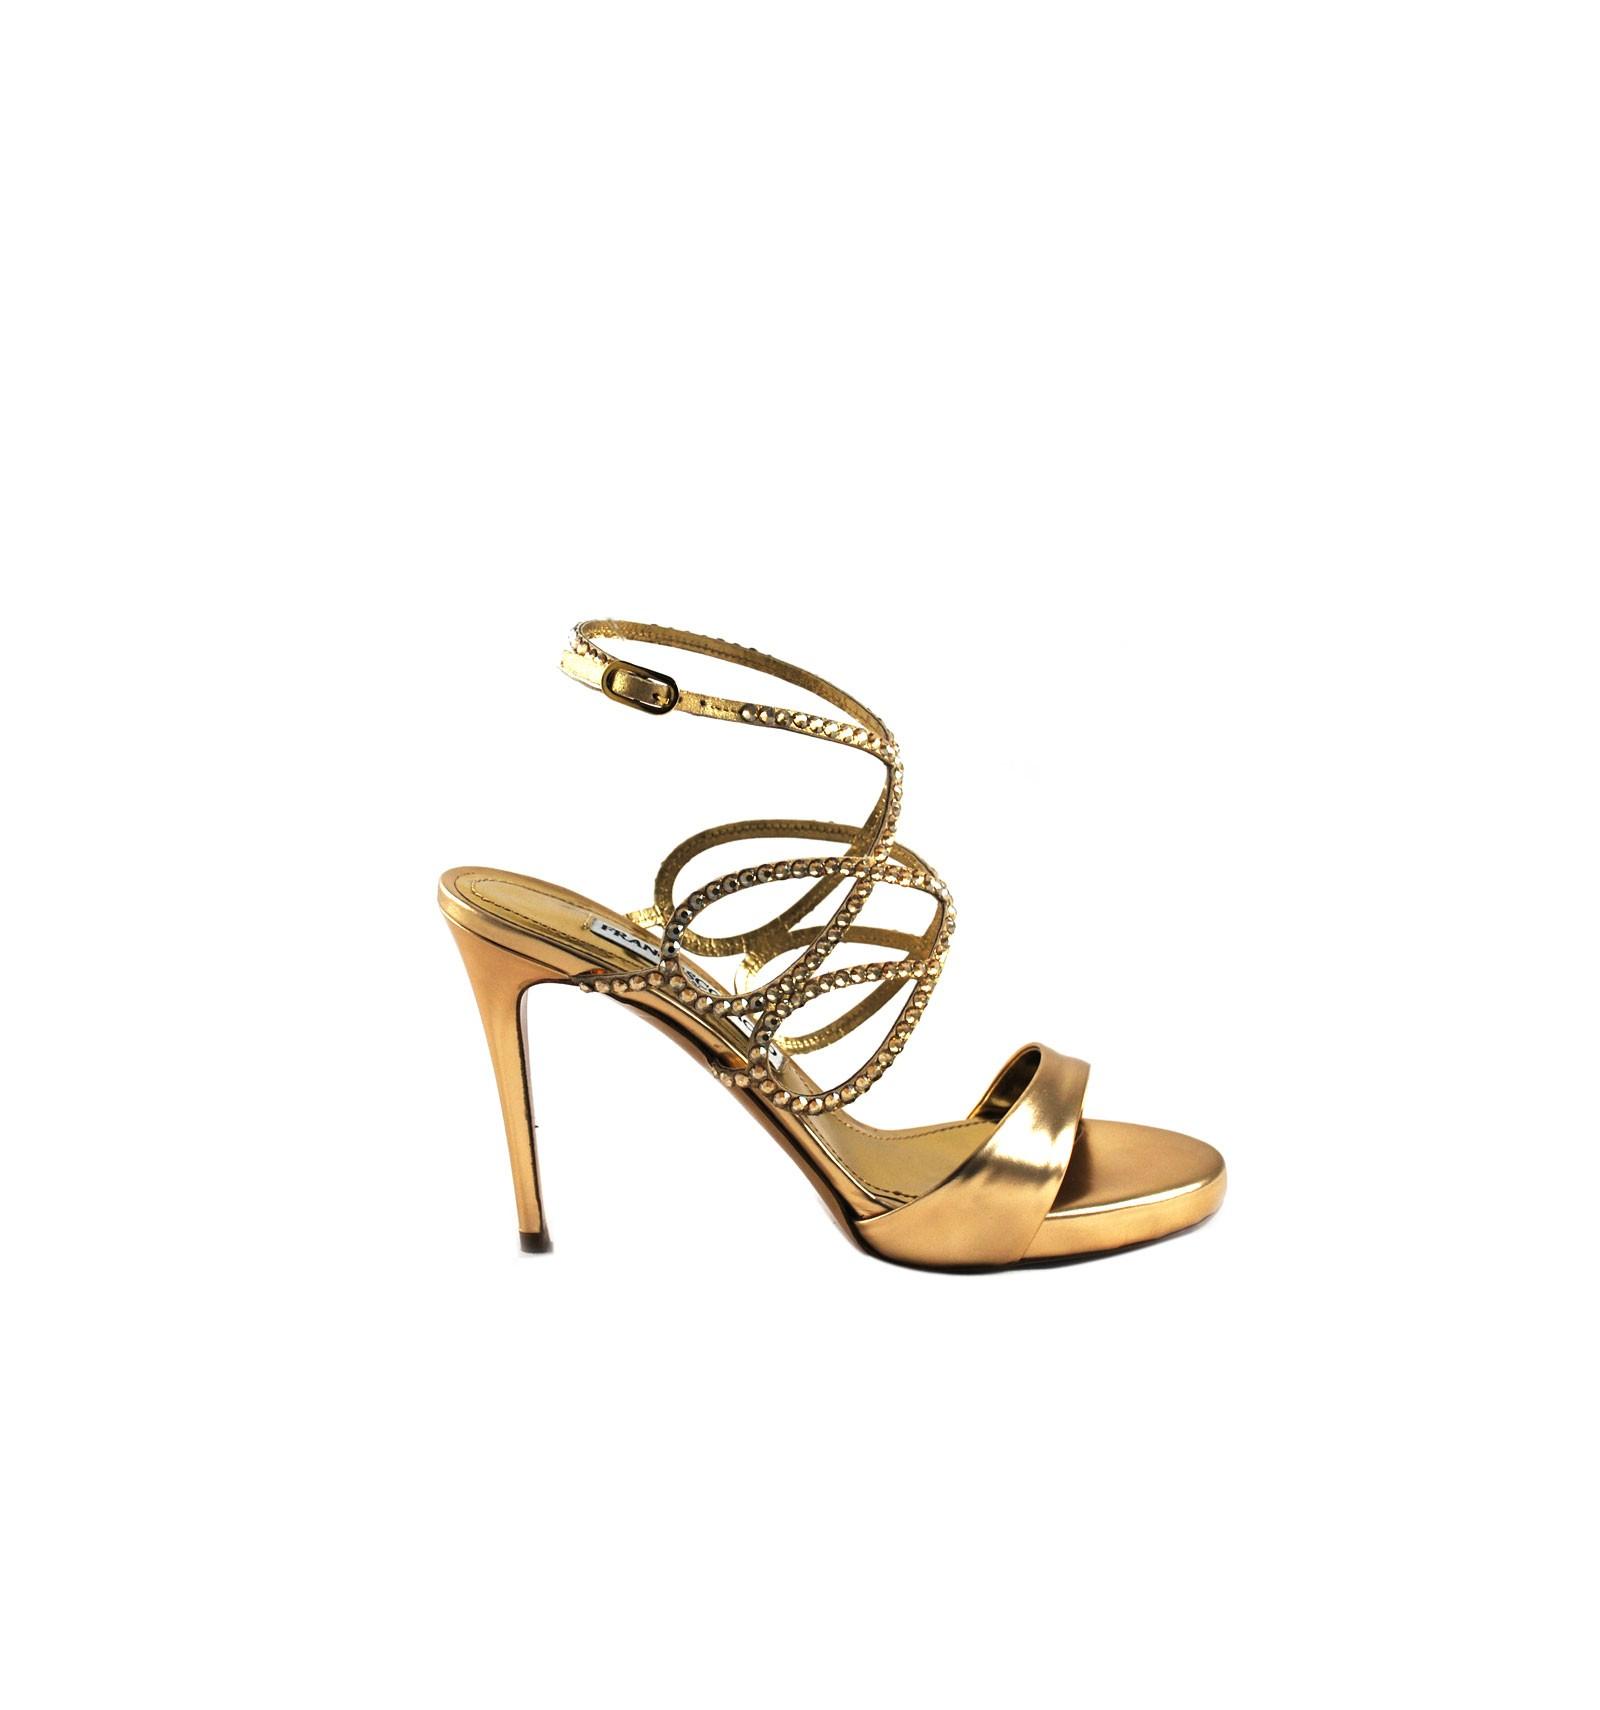 Sandalo gioiello FRANCESCO SACCO - Nino Armenise - Calzature 99533d6b9ef